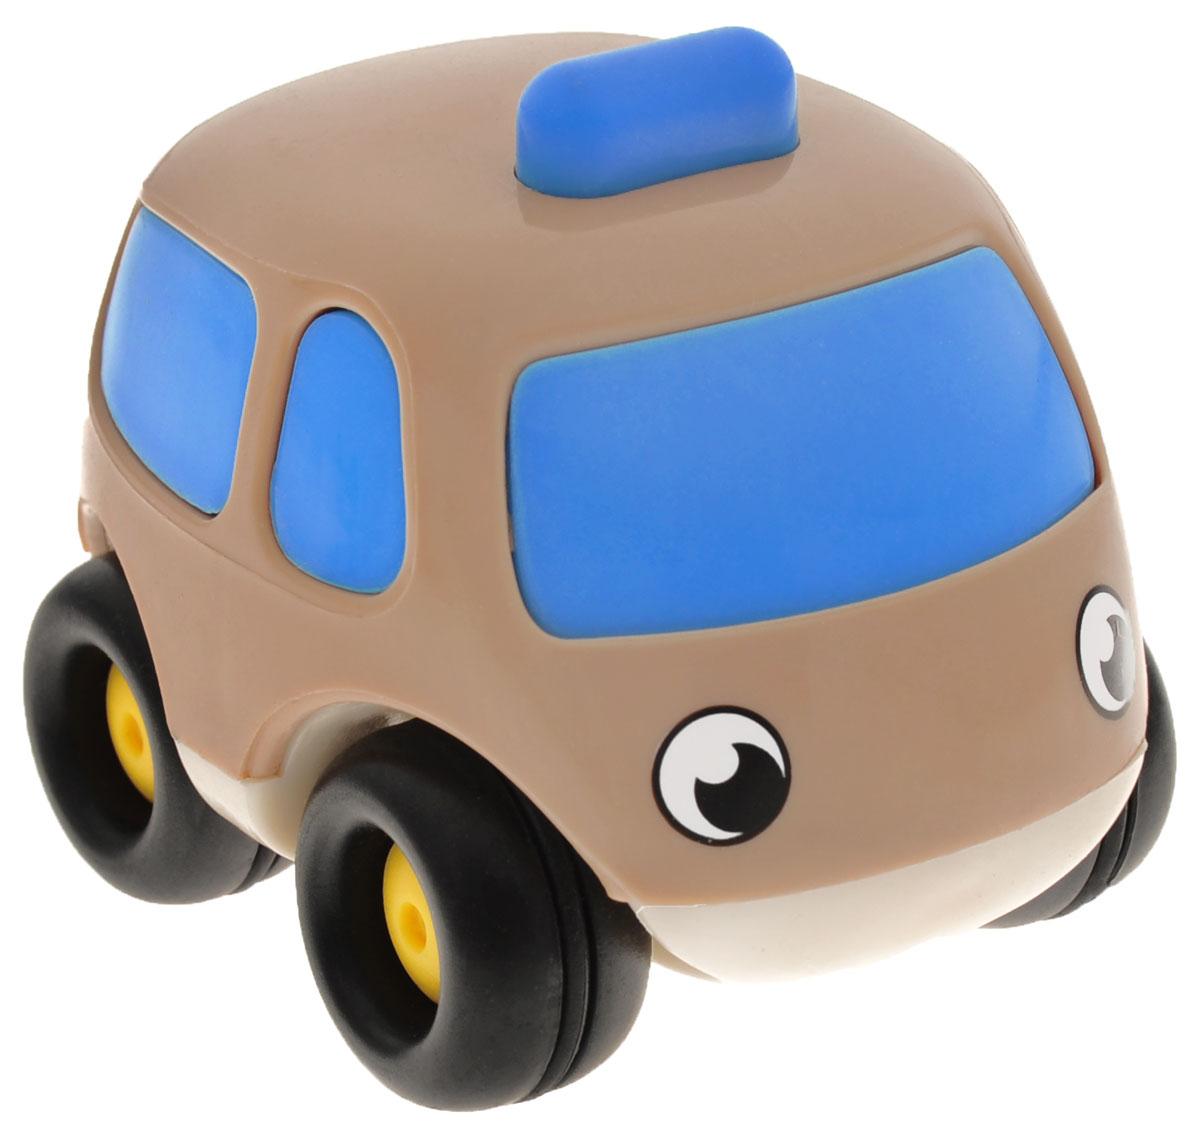 Smoby Мини-машинка Vroom Planet цвет коричневый голубой750030_коричневый, голубойМини-машинка Smoby Vroom Planet привлечет внимание вашего ребенка и надолго останется его любимой игрушкой. Плавные формы без острых углов, яркие цвета - все это выгодно выделяет эту игрушку из ряда подобных. Машинка оснащена инерционным механизмом. Просто подтолкните машинку, и она поедет сама. Машинка развивает концентрацию внимания, координацию движений, мелкую моторику рук, цветовое восприятие и воображение. Малыш будет часами играть с этой машинкой, придумывая разные истории.